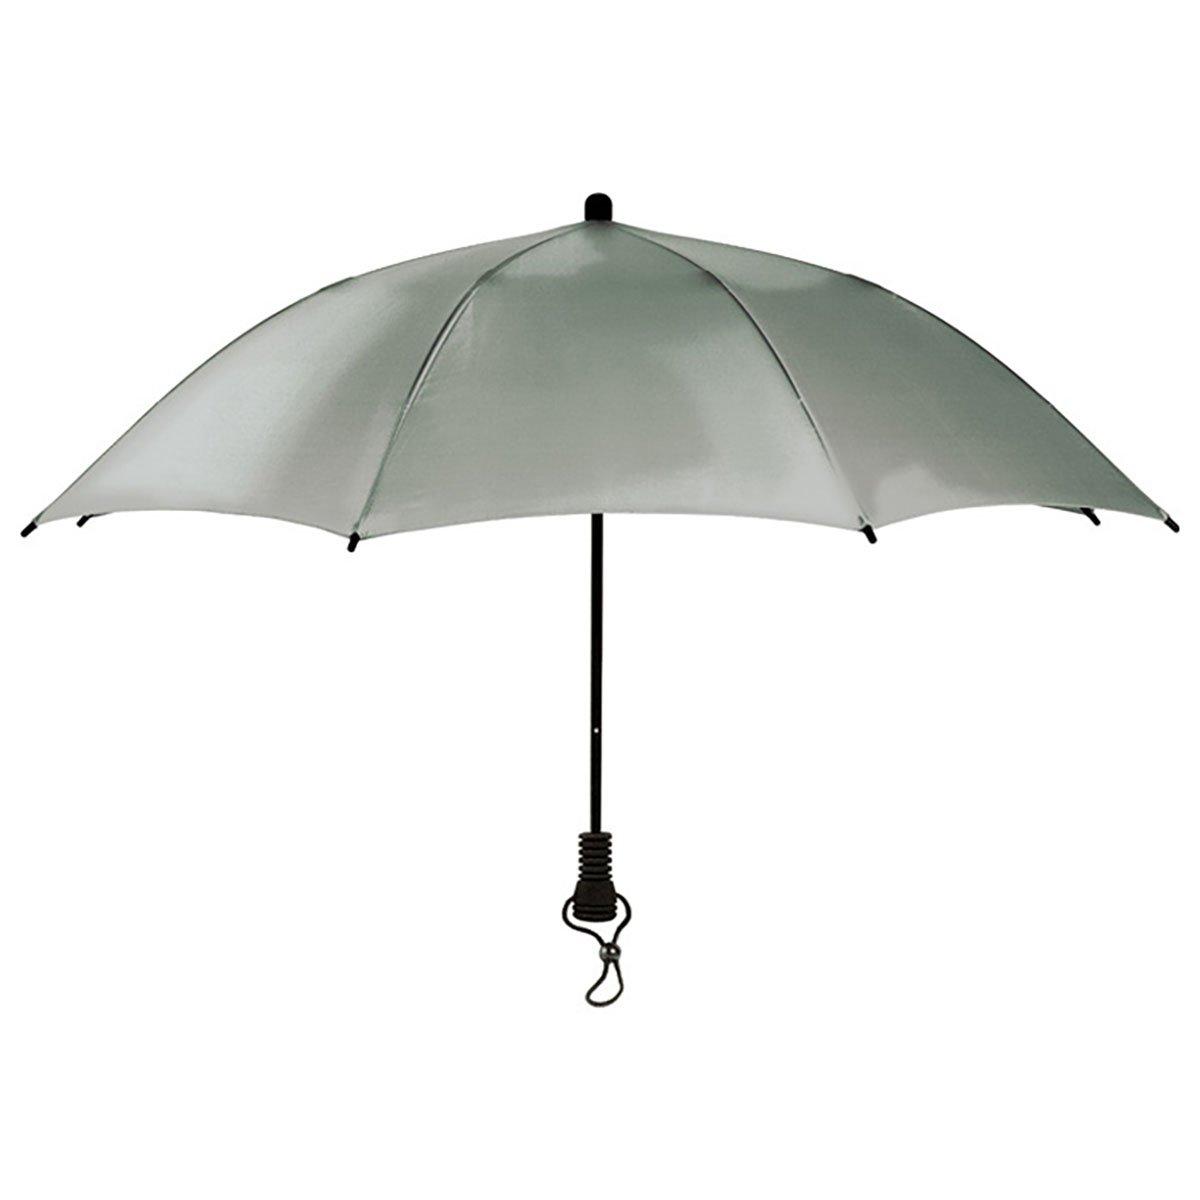 Gire Trekking Paraguas Liteflex Trek Umbrella, Silver: Amazon.es: Deportes y aire libre